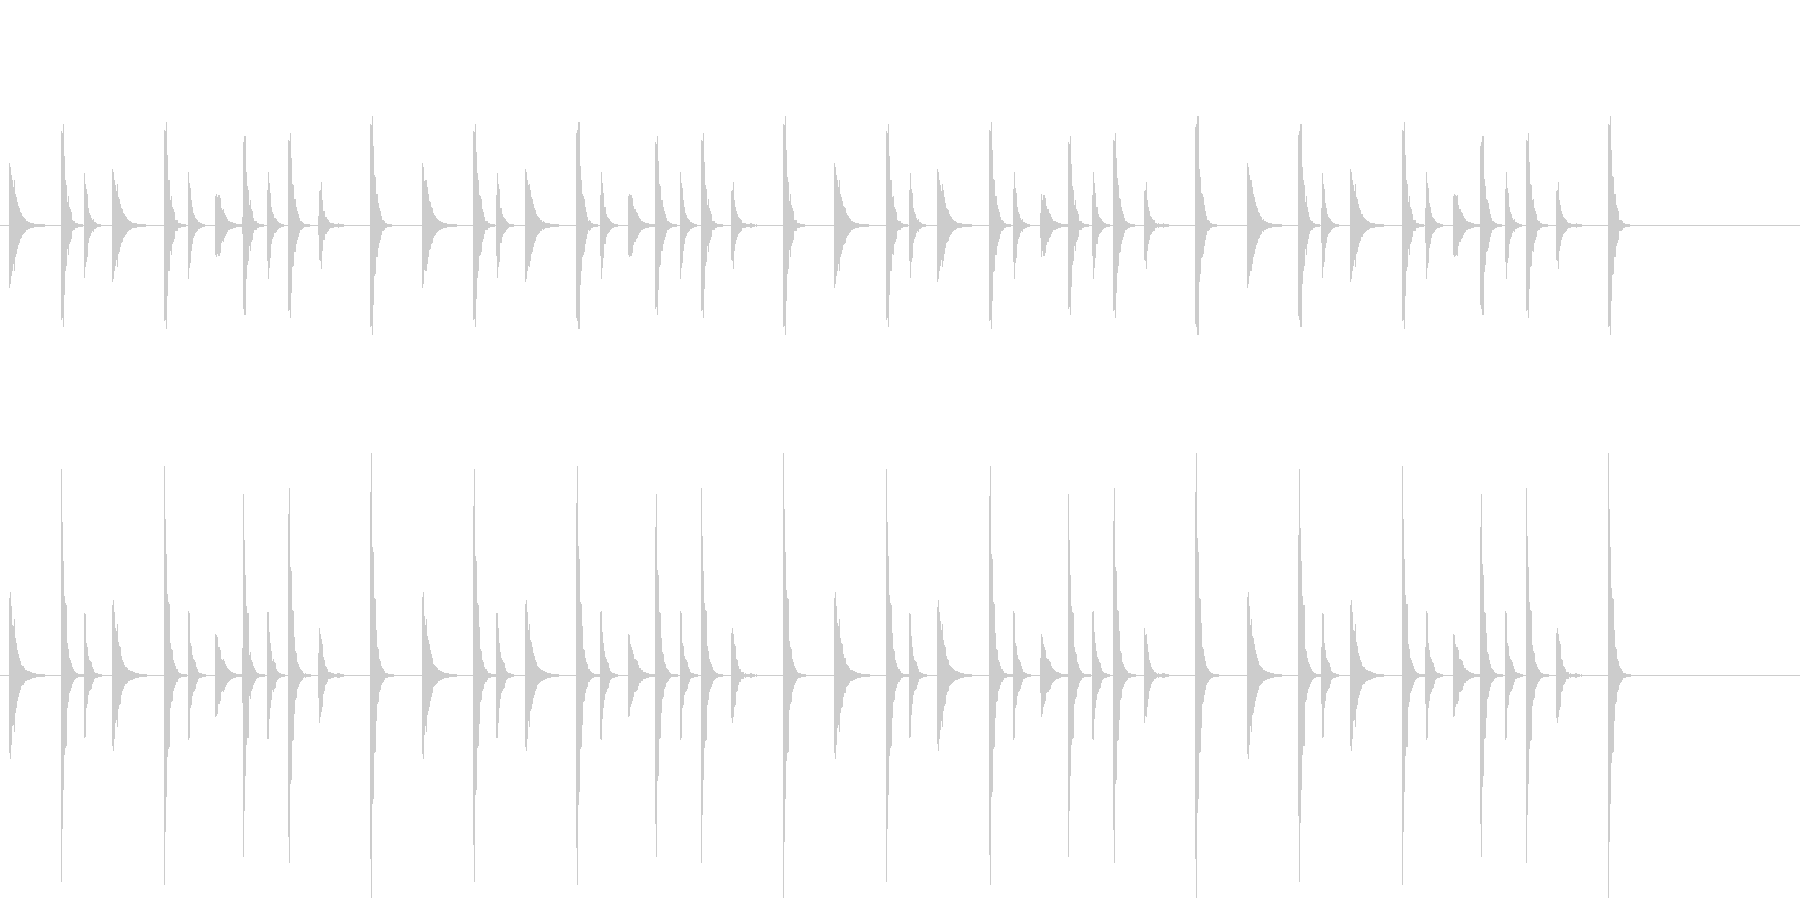 お囃子祭りの軽快なコンチキのフレーズ音の未再生の波形